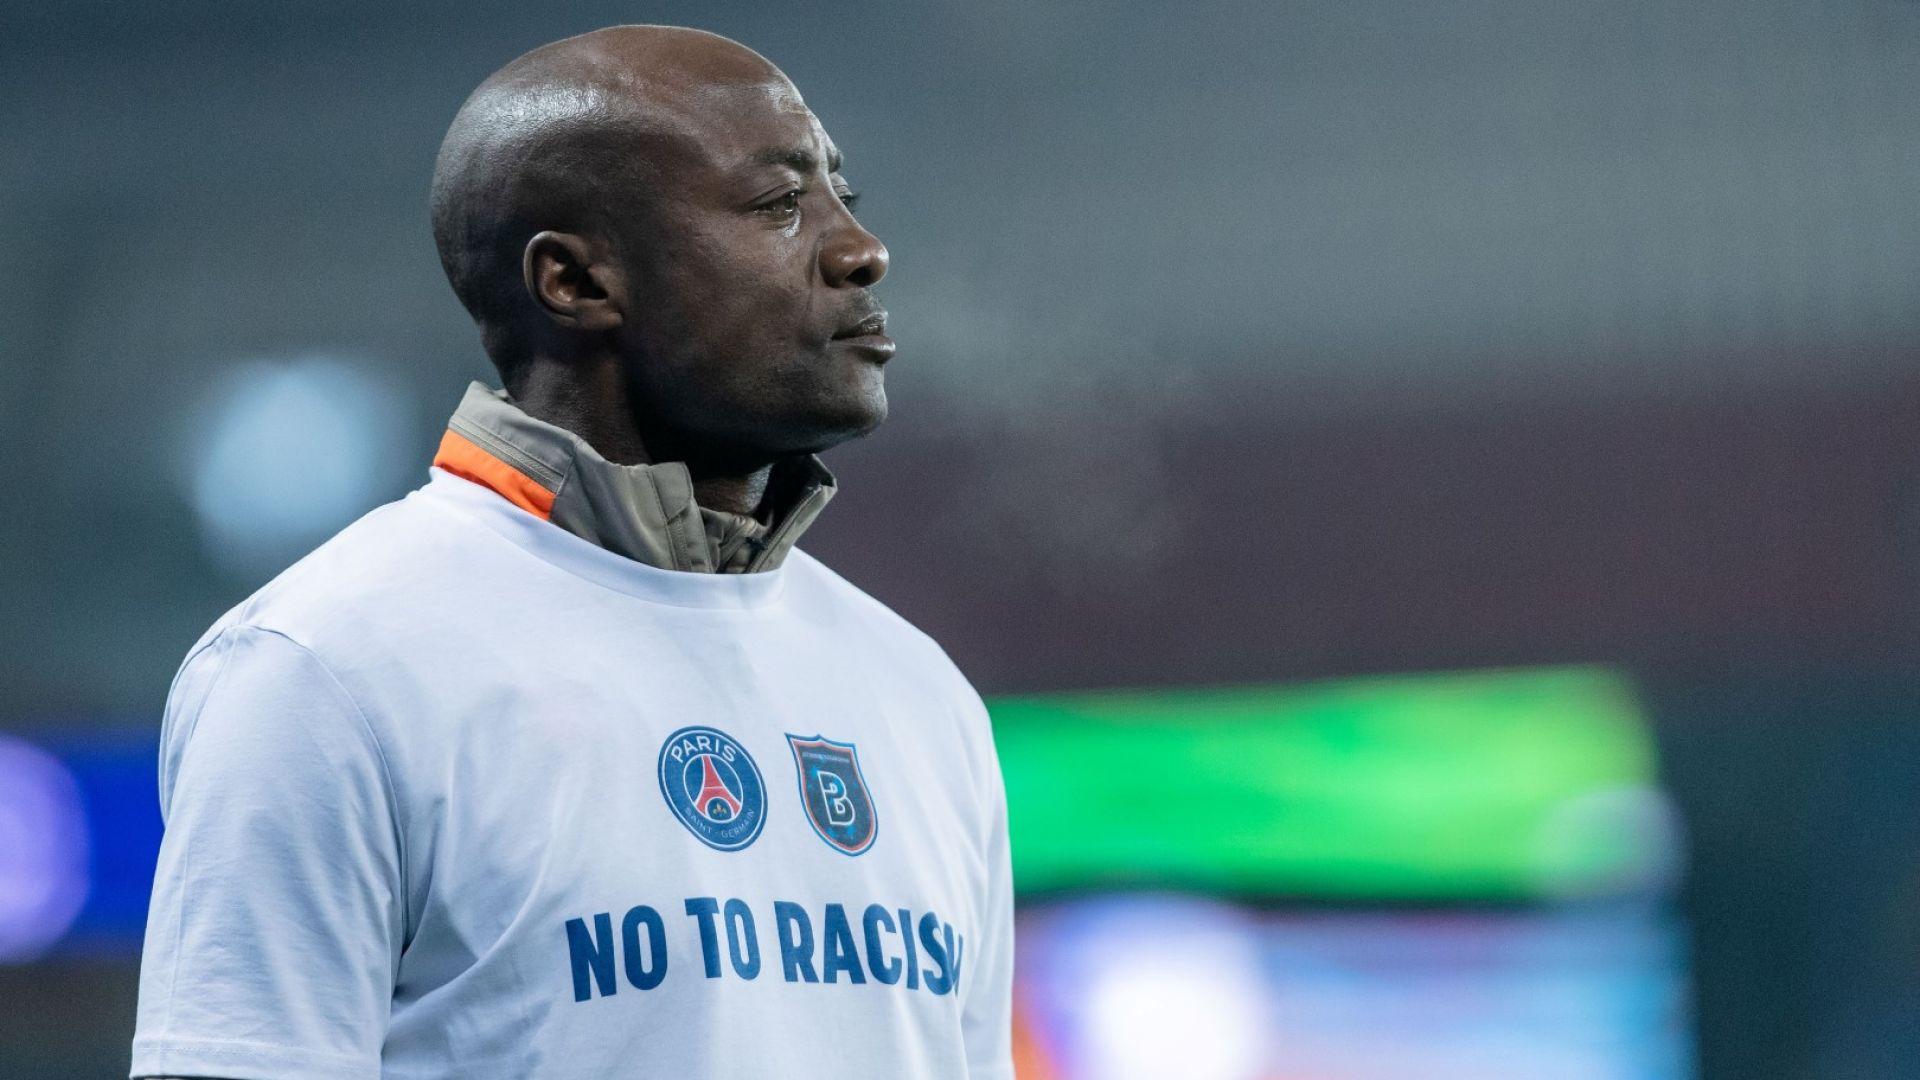 Проговори Пиер Уебо - жертвата на расистка обида при прекратения мач в Шампионската лига